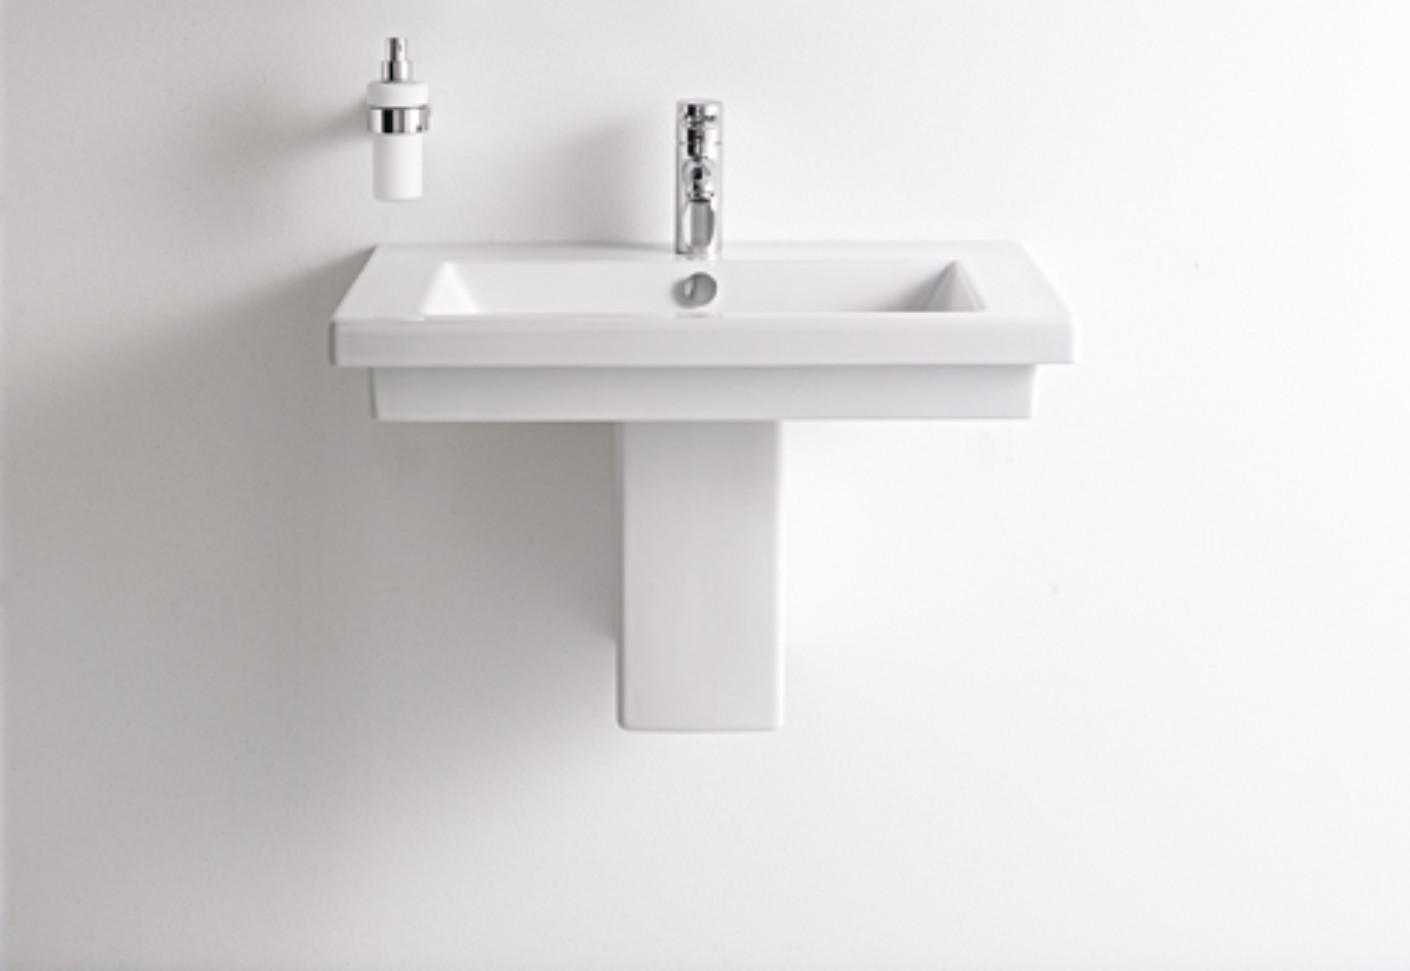 2nd floor Washbasin by Duravit | STYLEPARK